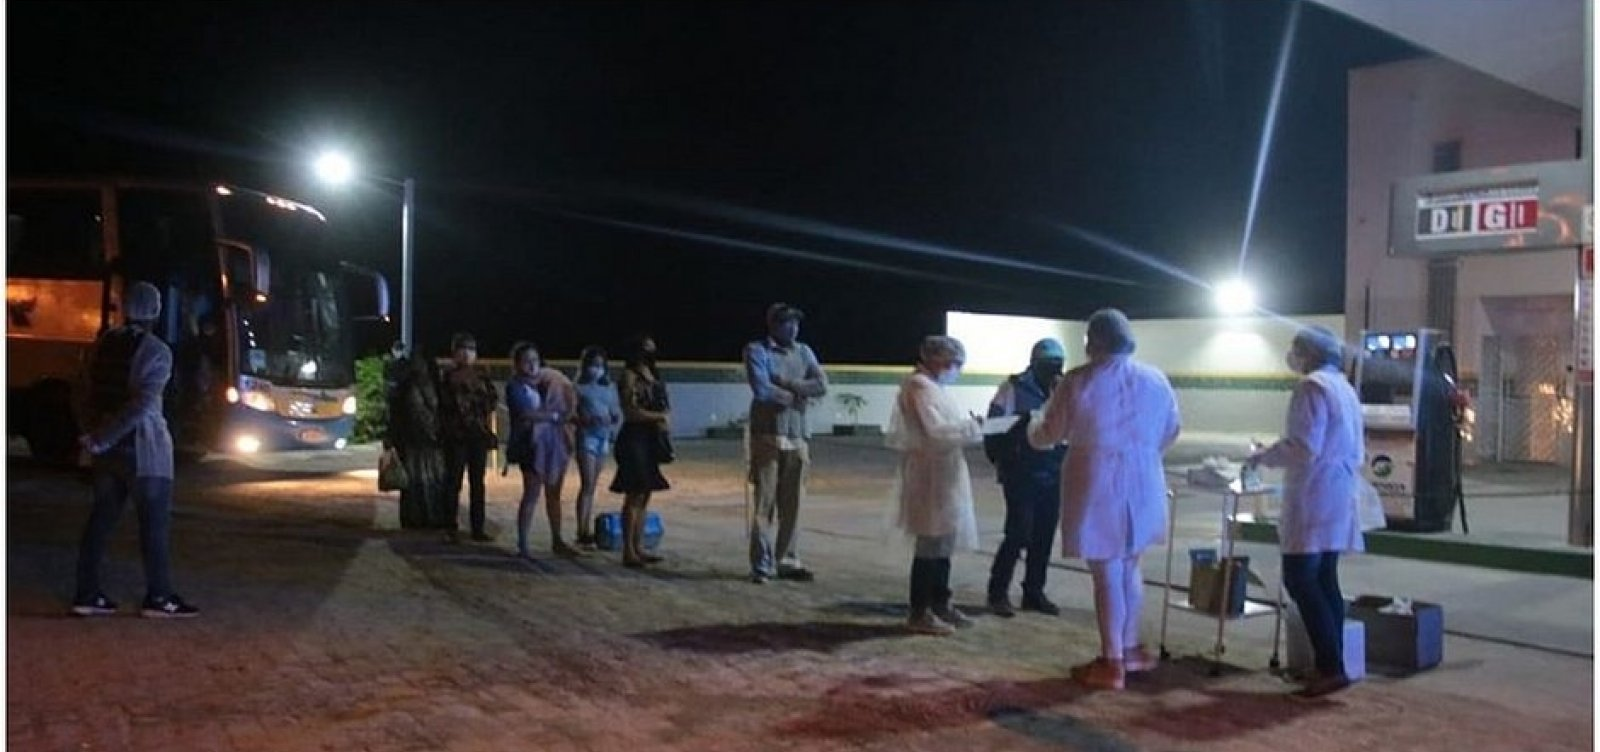 [Ônibus clandestino de São Paulo entra na Bahia com 10 infectados pelo coronavírus]